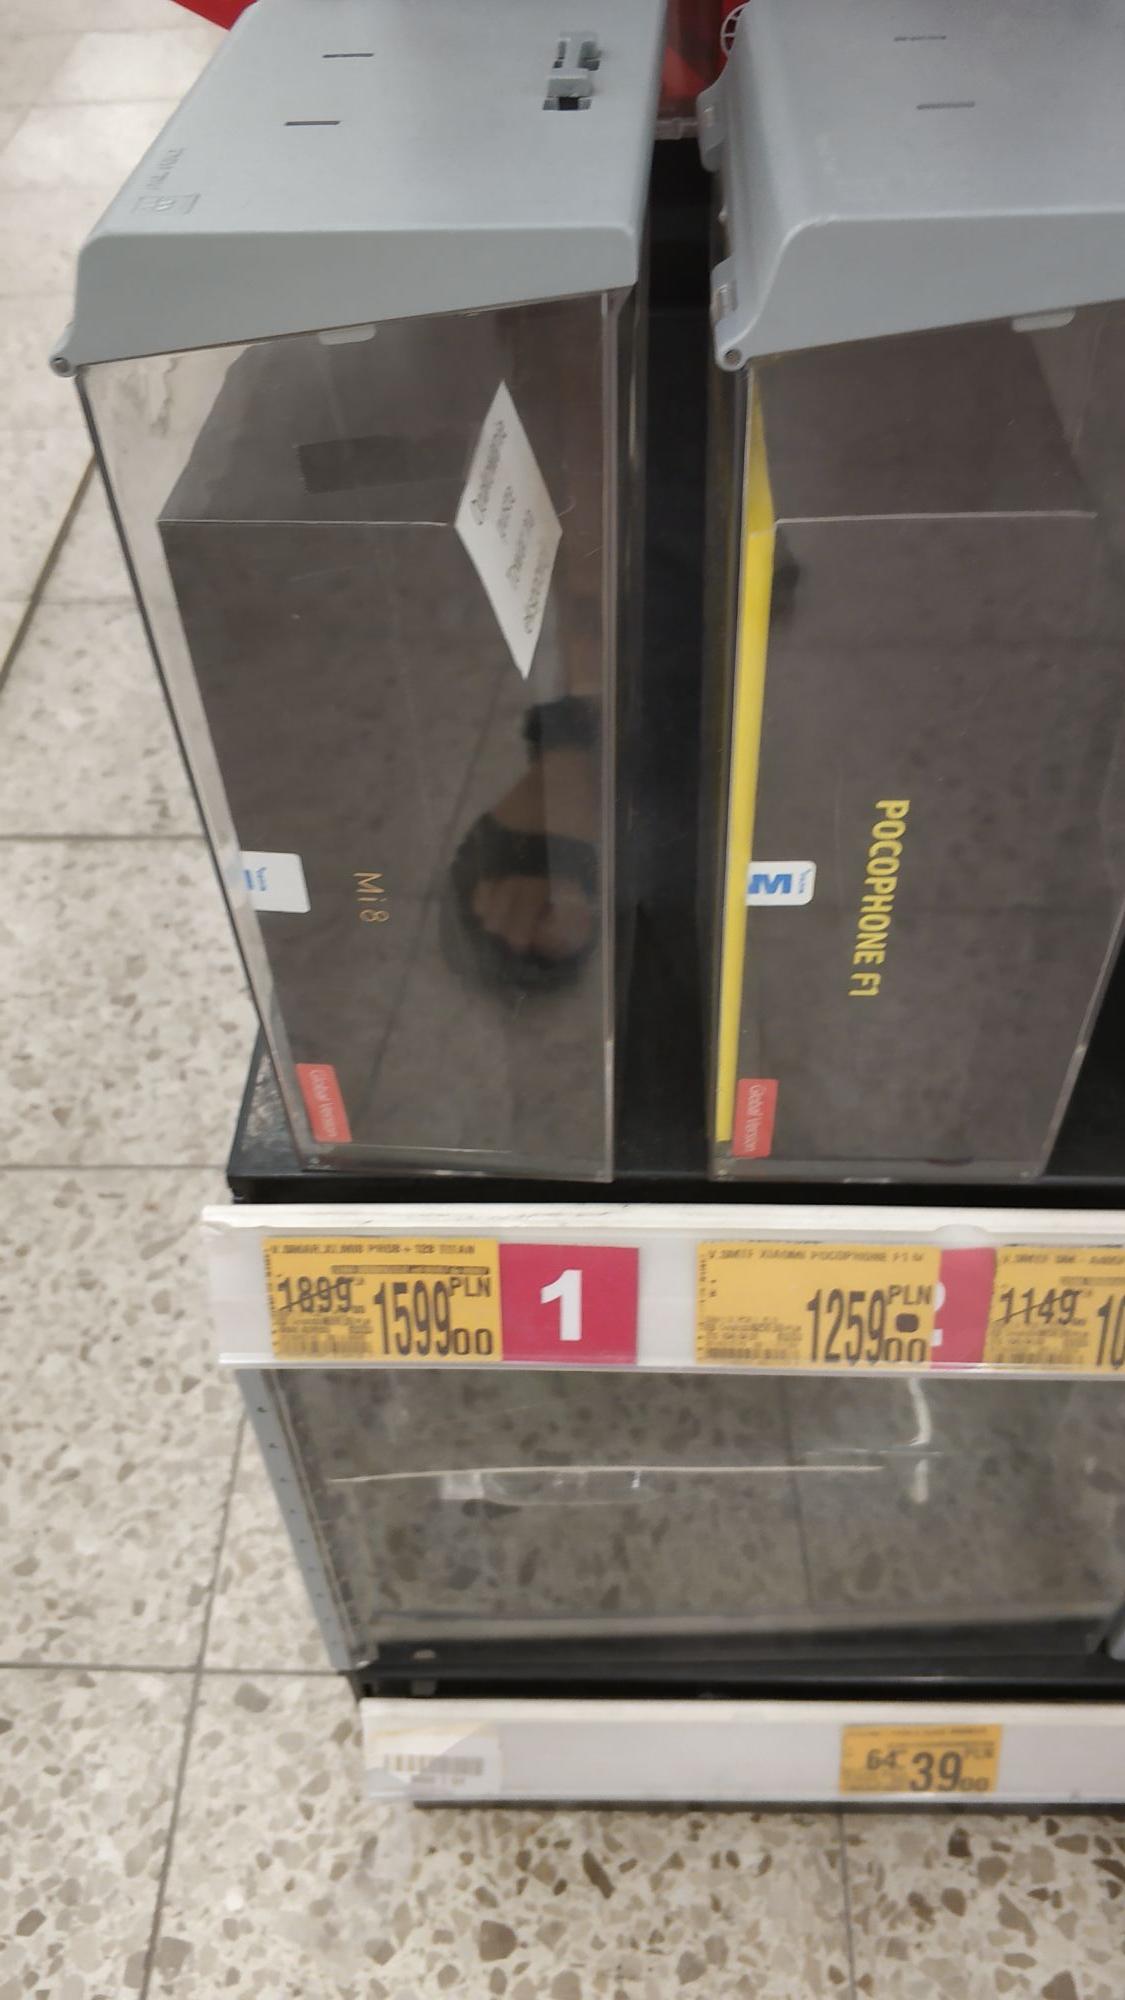 Smartphone Xiaomi Mi 8 Pro 8/128GB Transparent Titanium. Auchan Lubin.